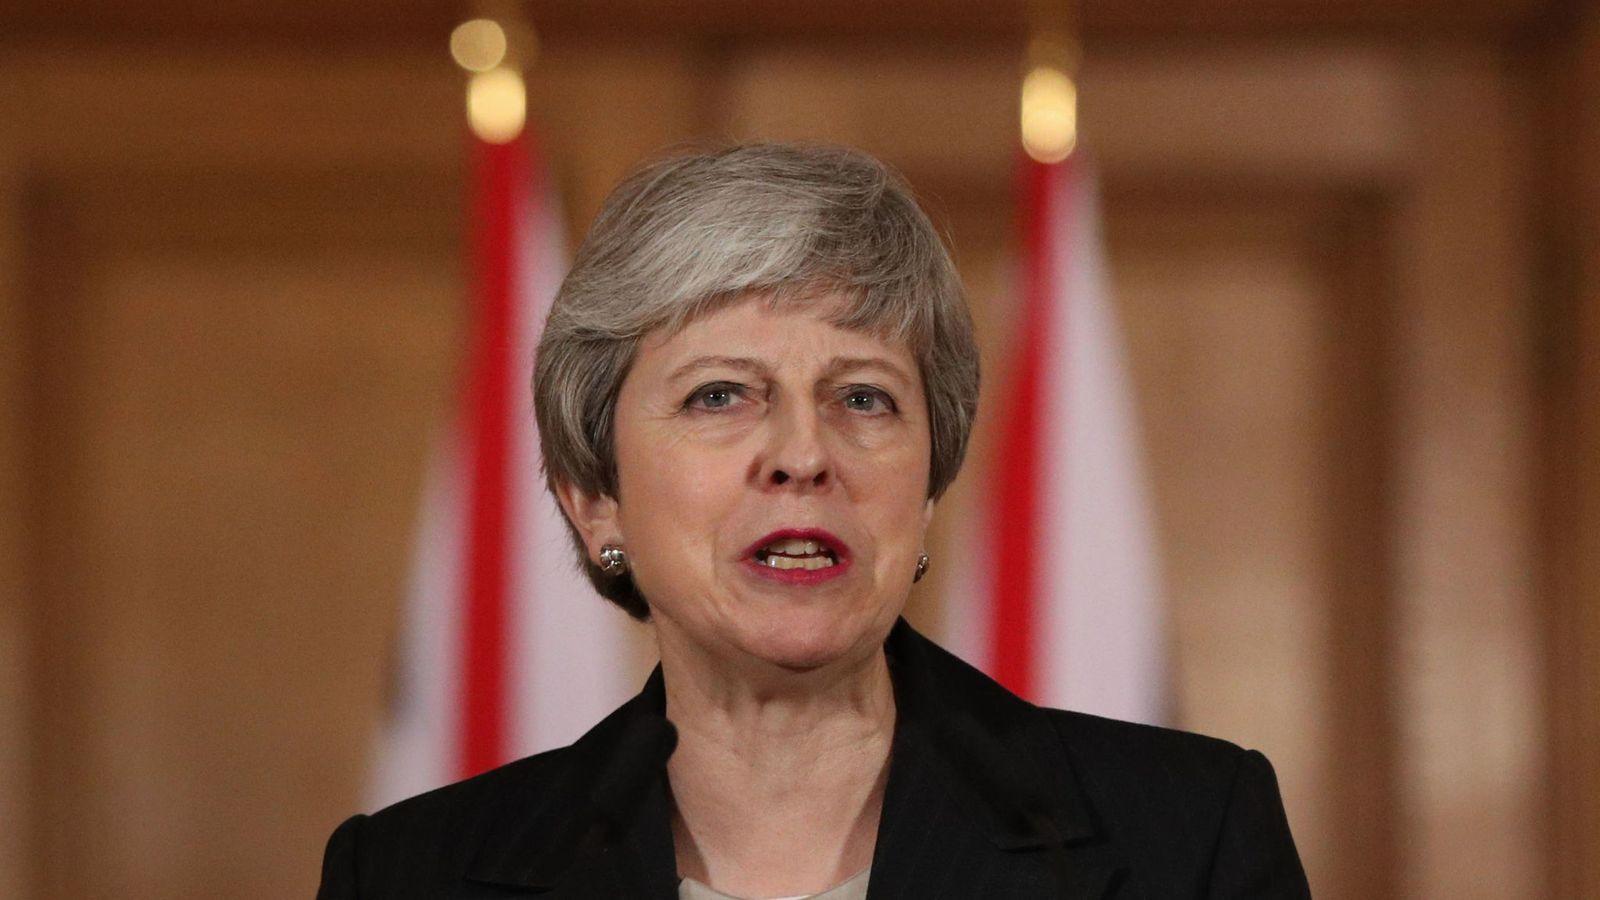 Anh đề nghị EU gia hạn tiến trình Brexit tới ngày 30/6